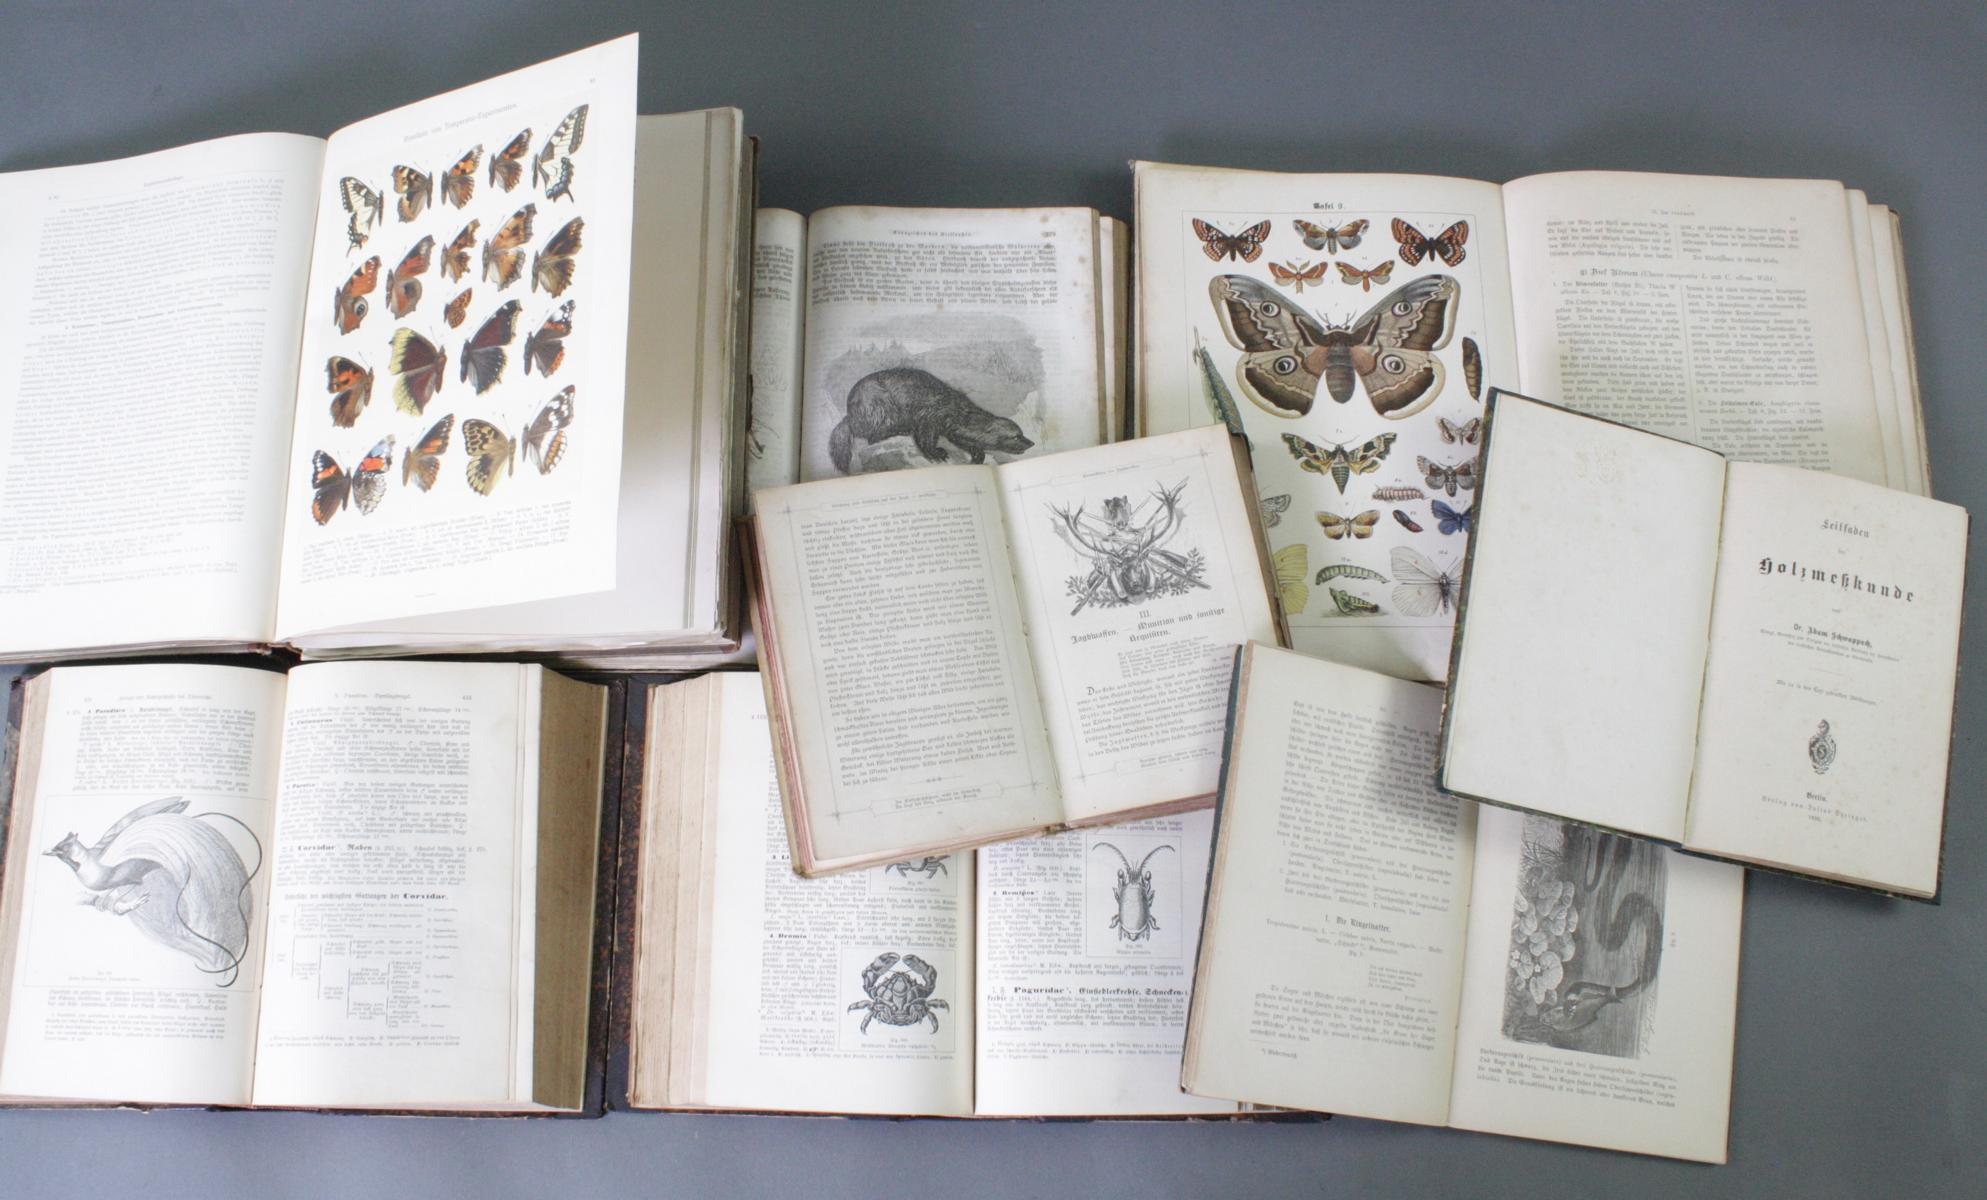 8 Bücher Tiere/Natur, 19. Jahrhundert-2